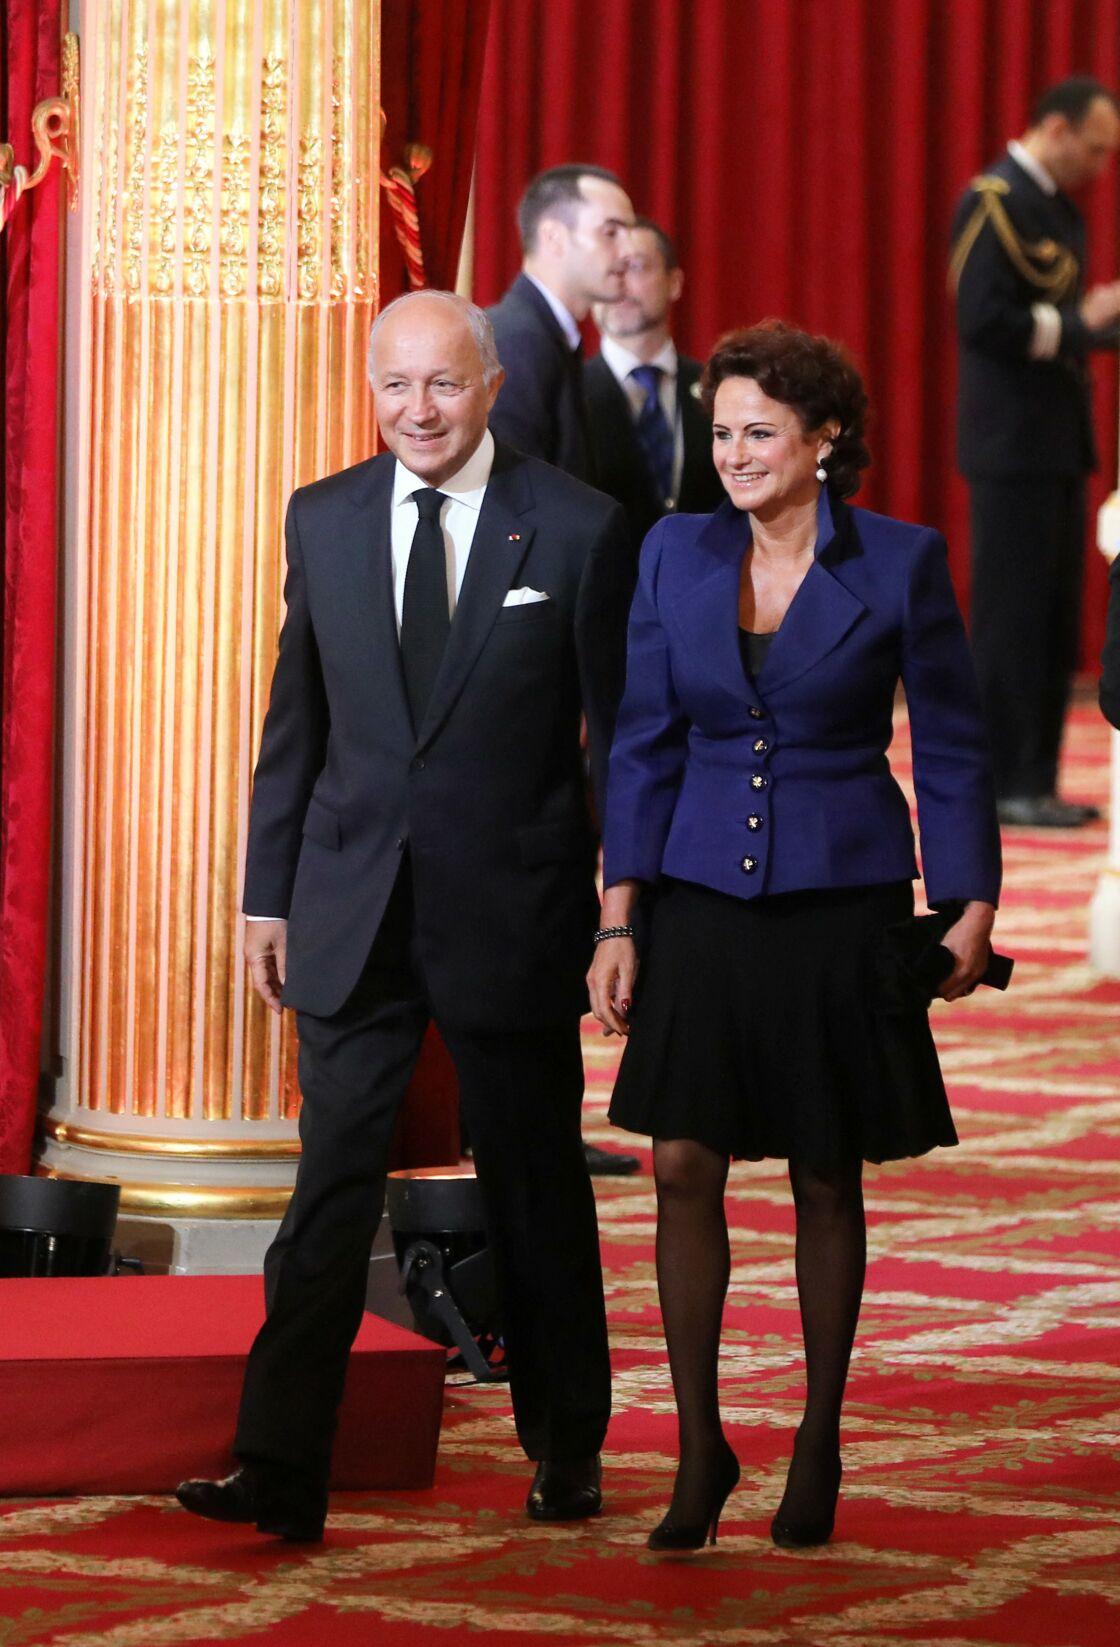 Laurent Fabius et sa compagne Marie-France Marchand-Baylet - Le président Emmanuel Macron a reçu le collier de Grand maître de la Légion d'honneur dans la Salle des fêtes du palais de l'Elysée à Paris, France, le 14 mai 2017.